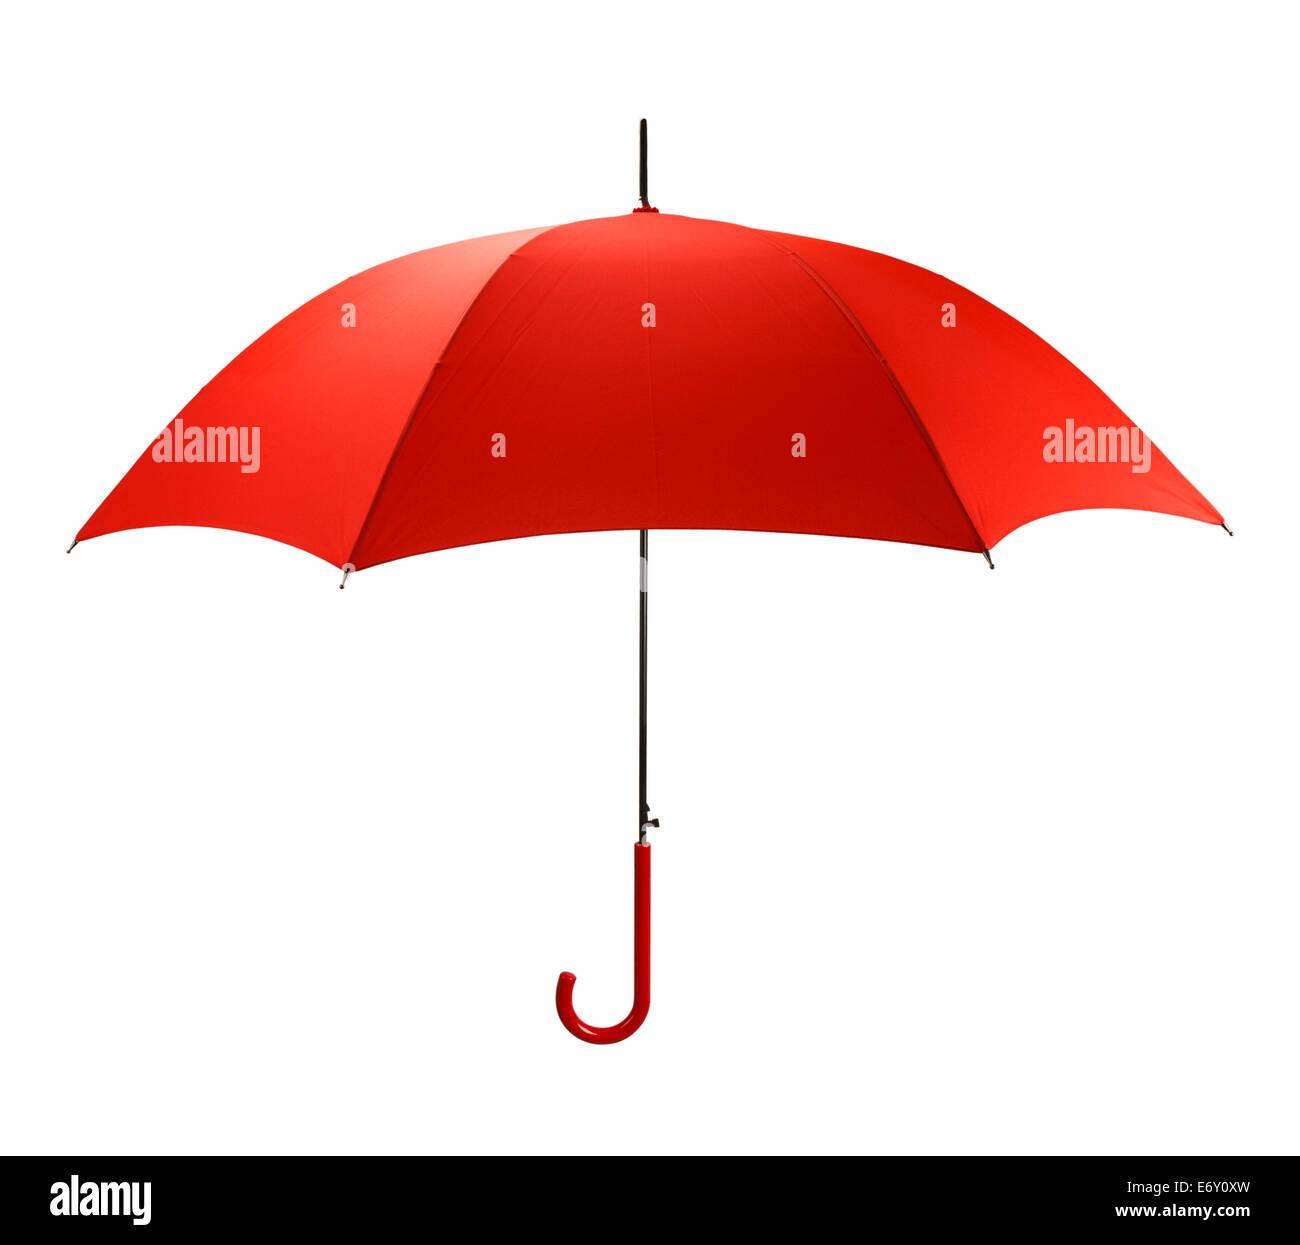 Leuchtend roten Regenschirm Seitenansicht, Isolated on White Background. Stockbild